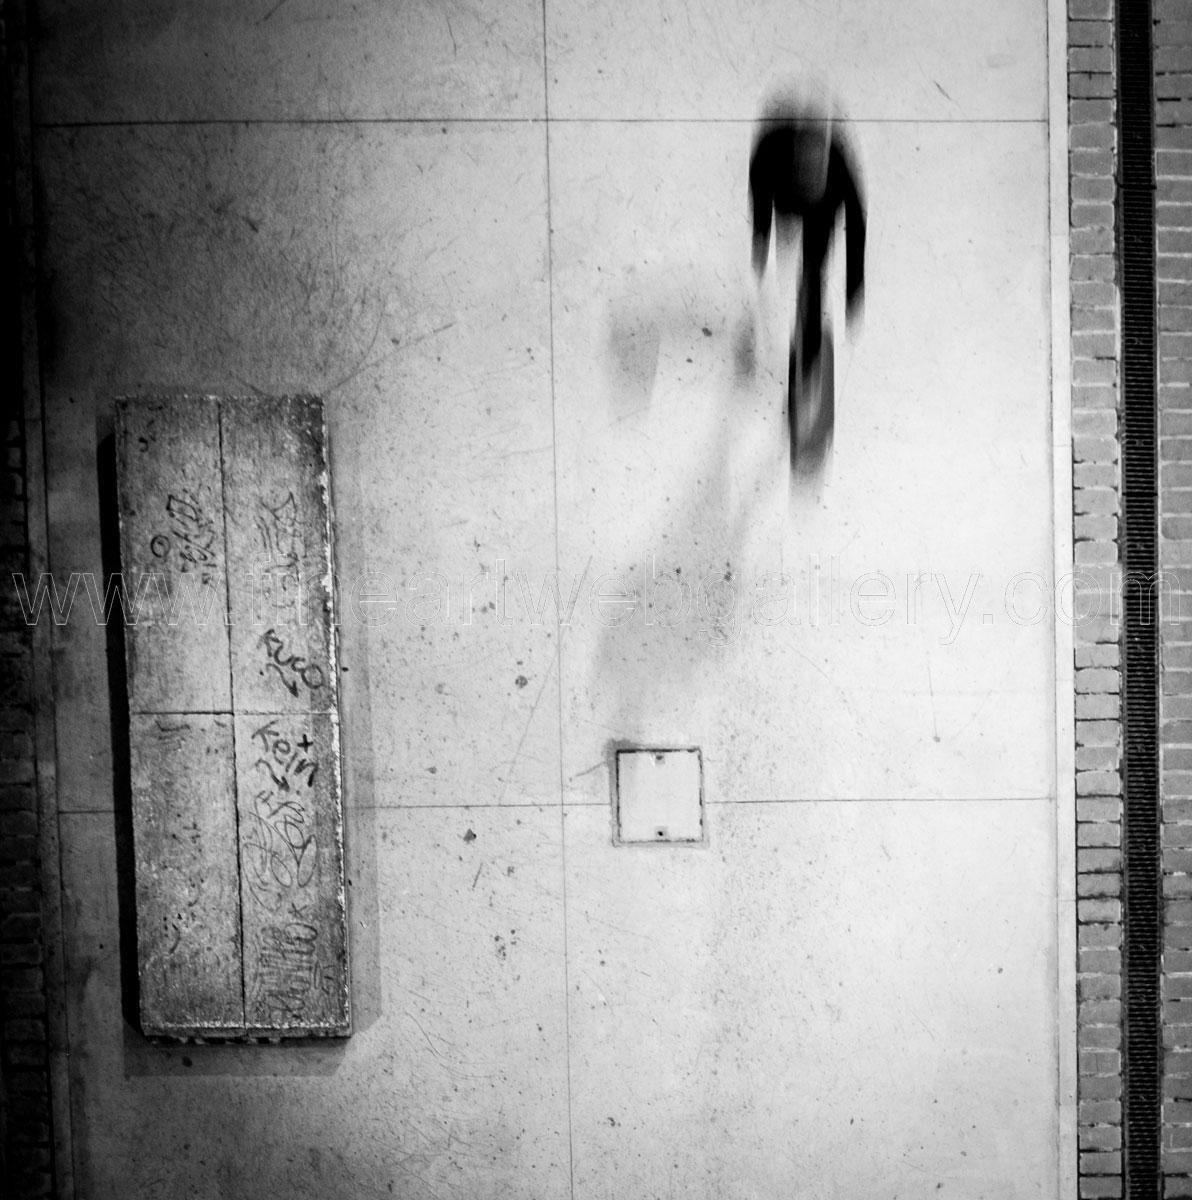 Max Angeloni - Going around 02